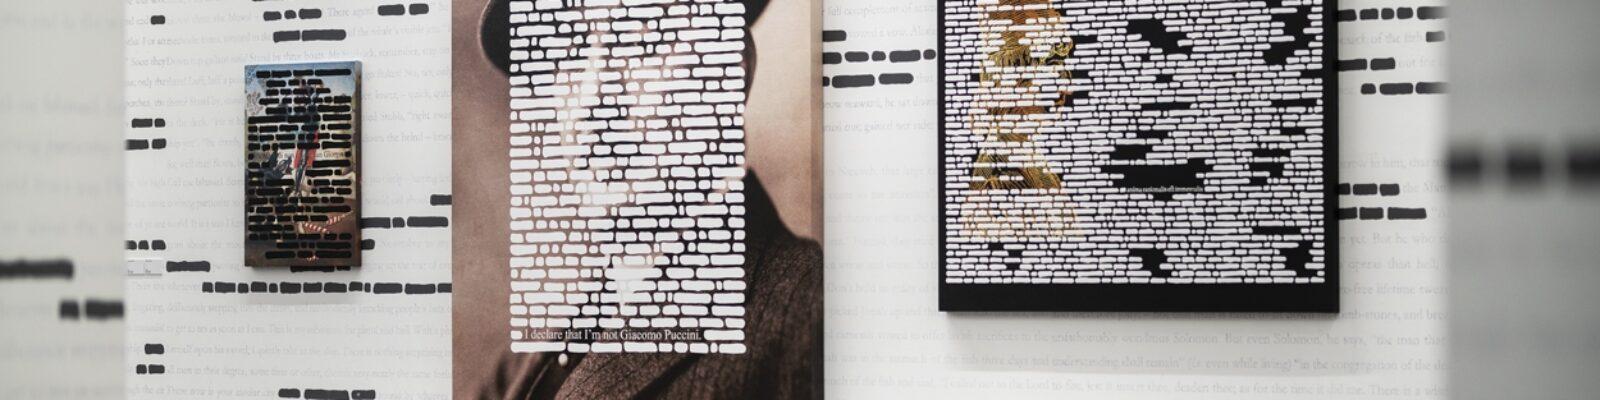 Opere esposta nella Mostra Isgrò